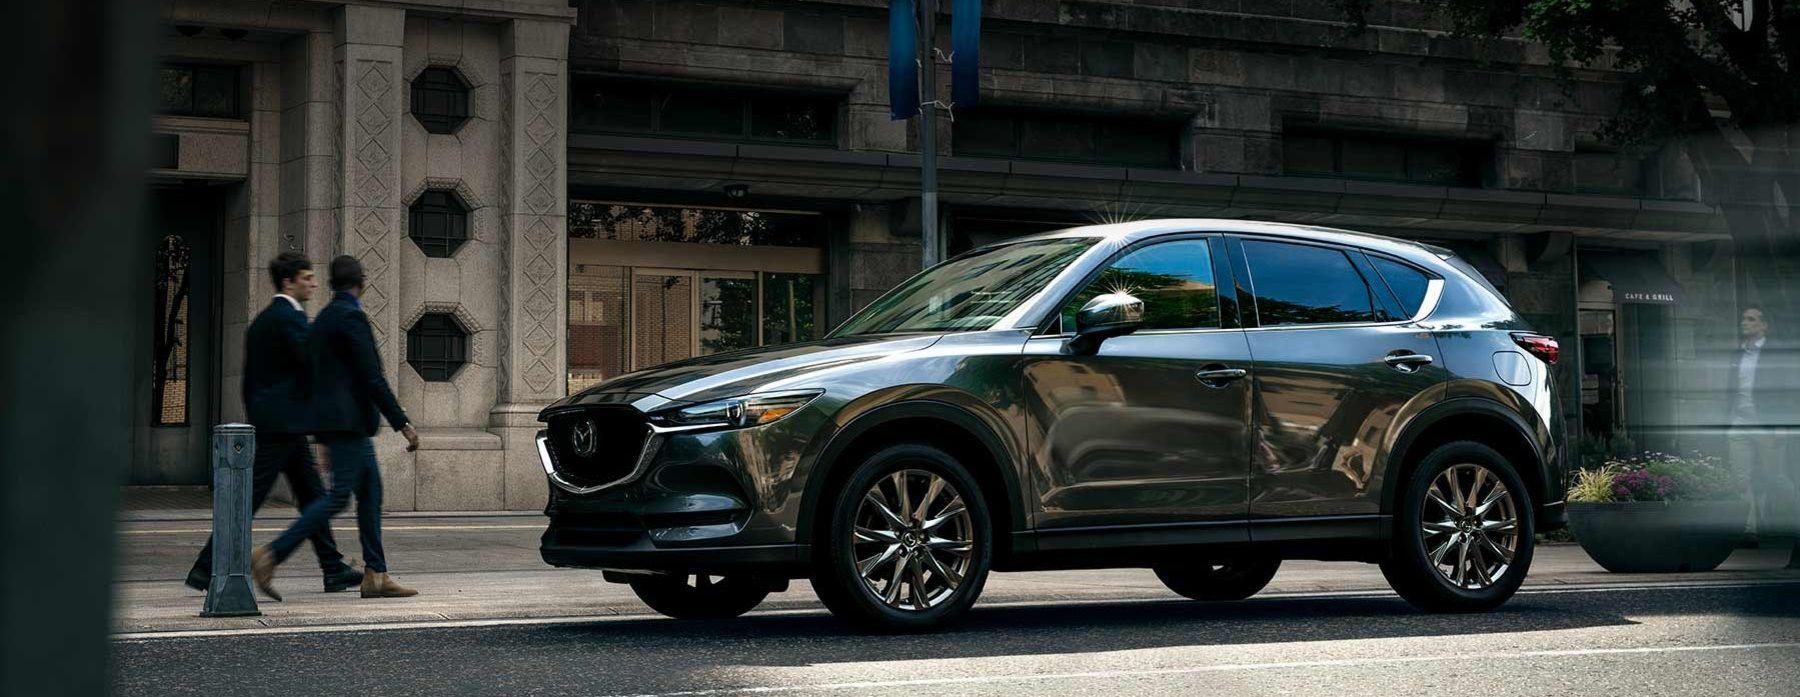 2019 Mazda CX-5 for Sale near Copperas Cove, TX